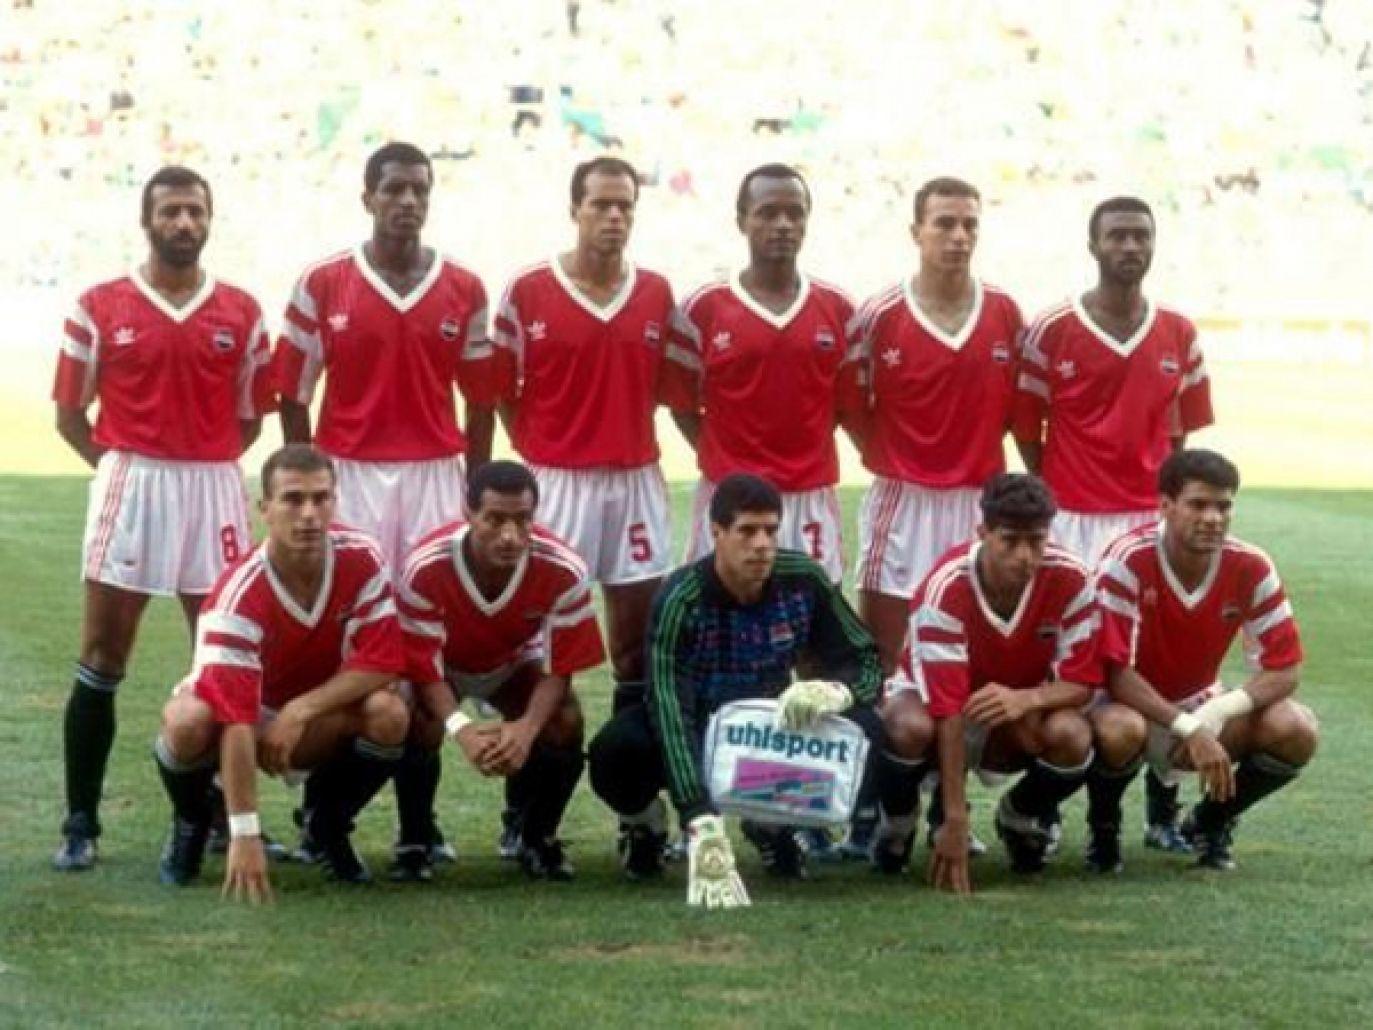 من هو المدير الفني للمنتخب المصري في كأس العالم في إيطاليا 1990.. إجابة السؤال رقم 18 في مسابقة مهيب ورزان رمضان 2021 5